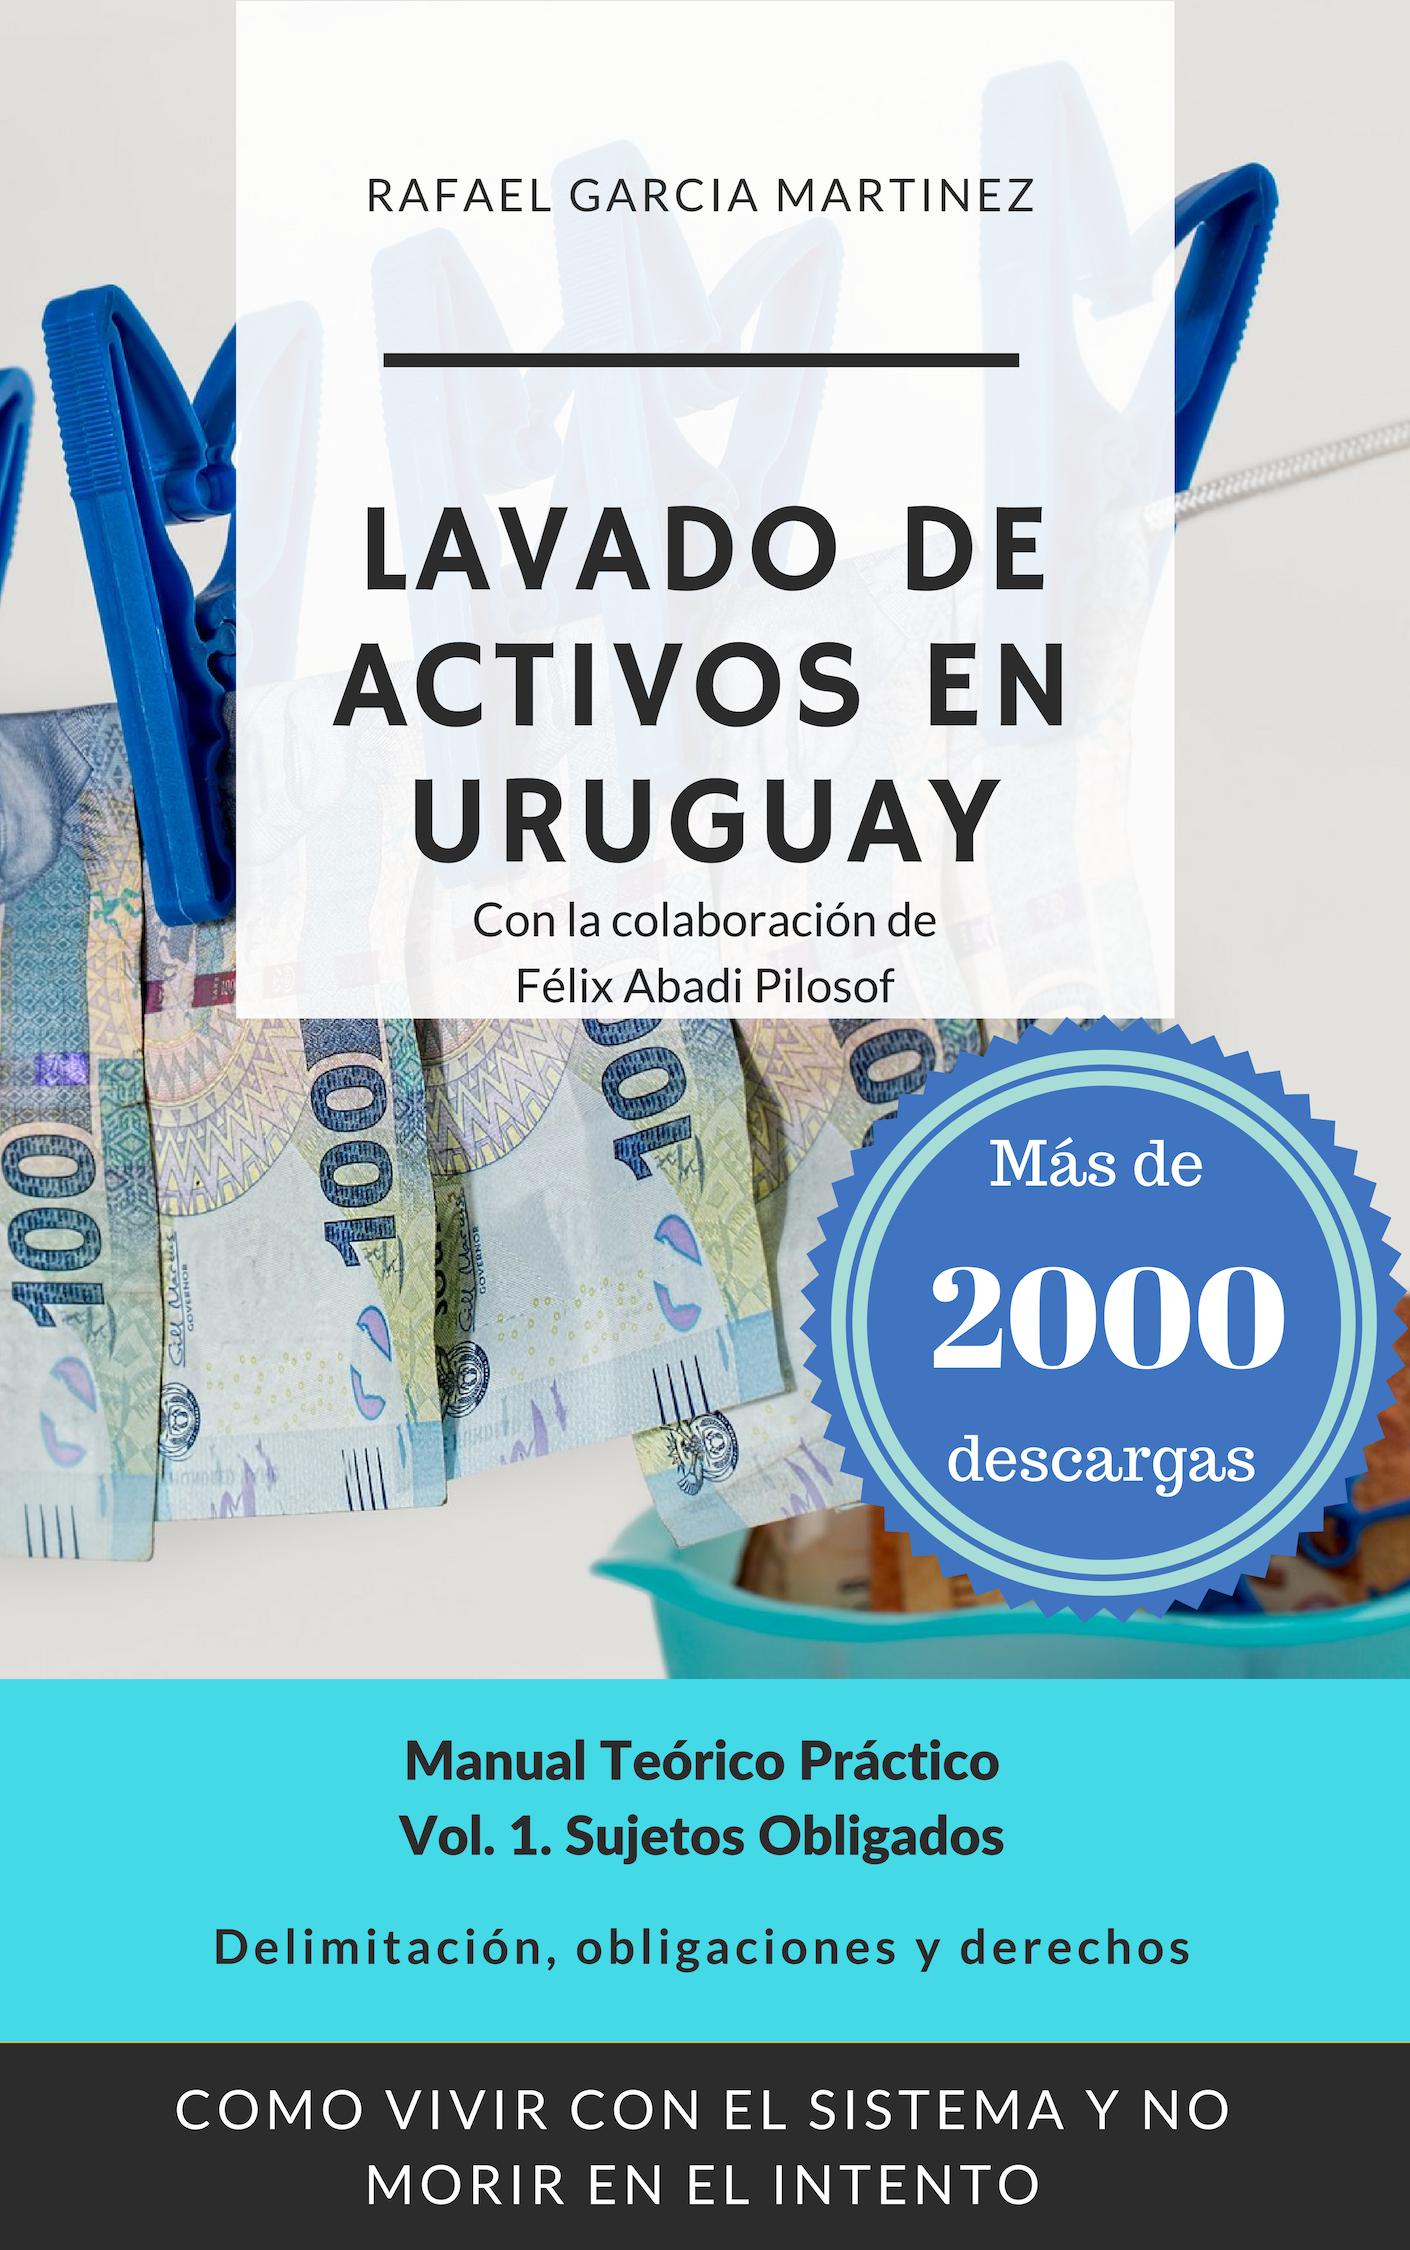 Libro de Lavado de Activos en Uruguay vol. 1